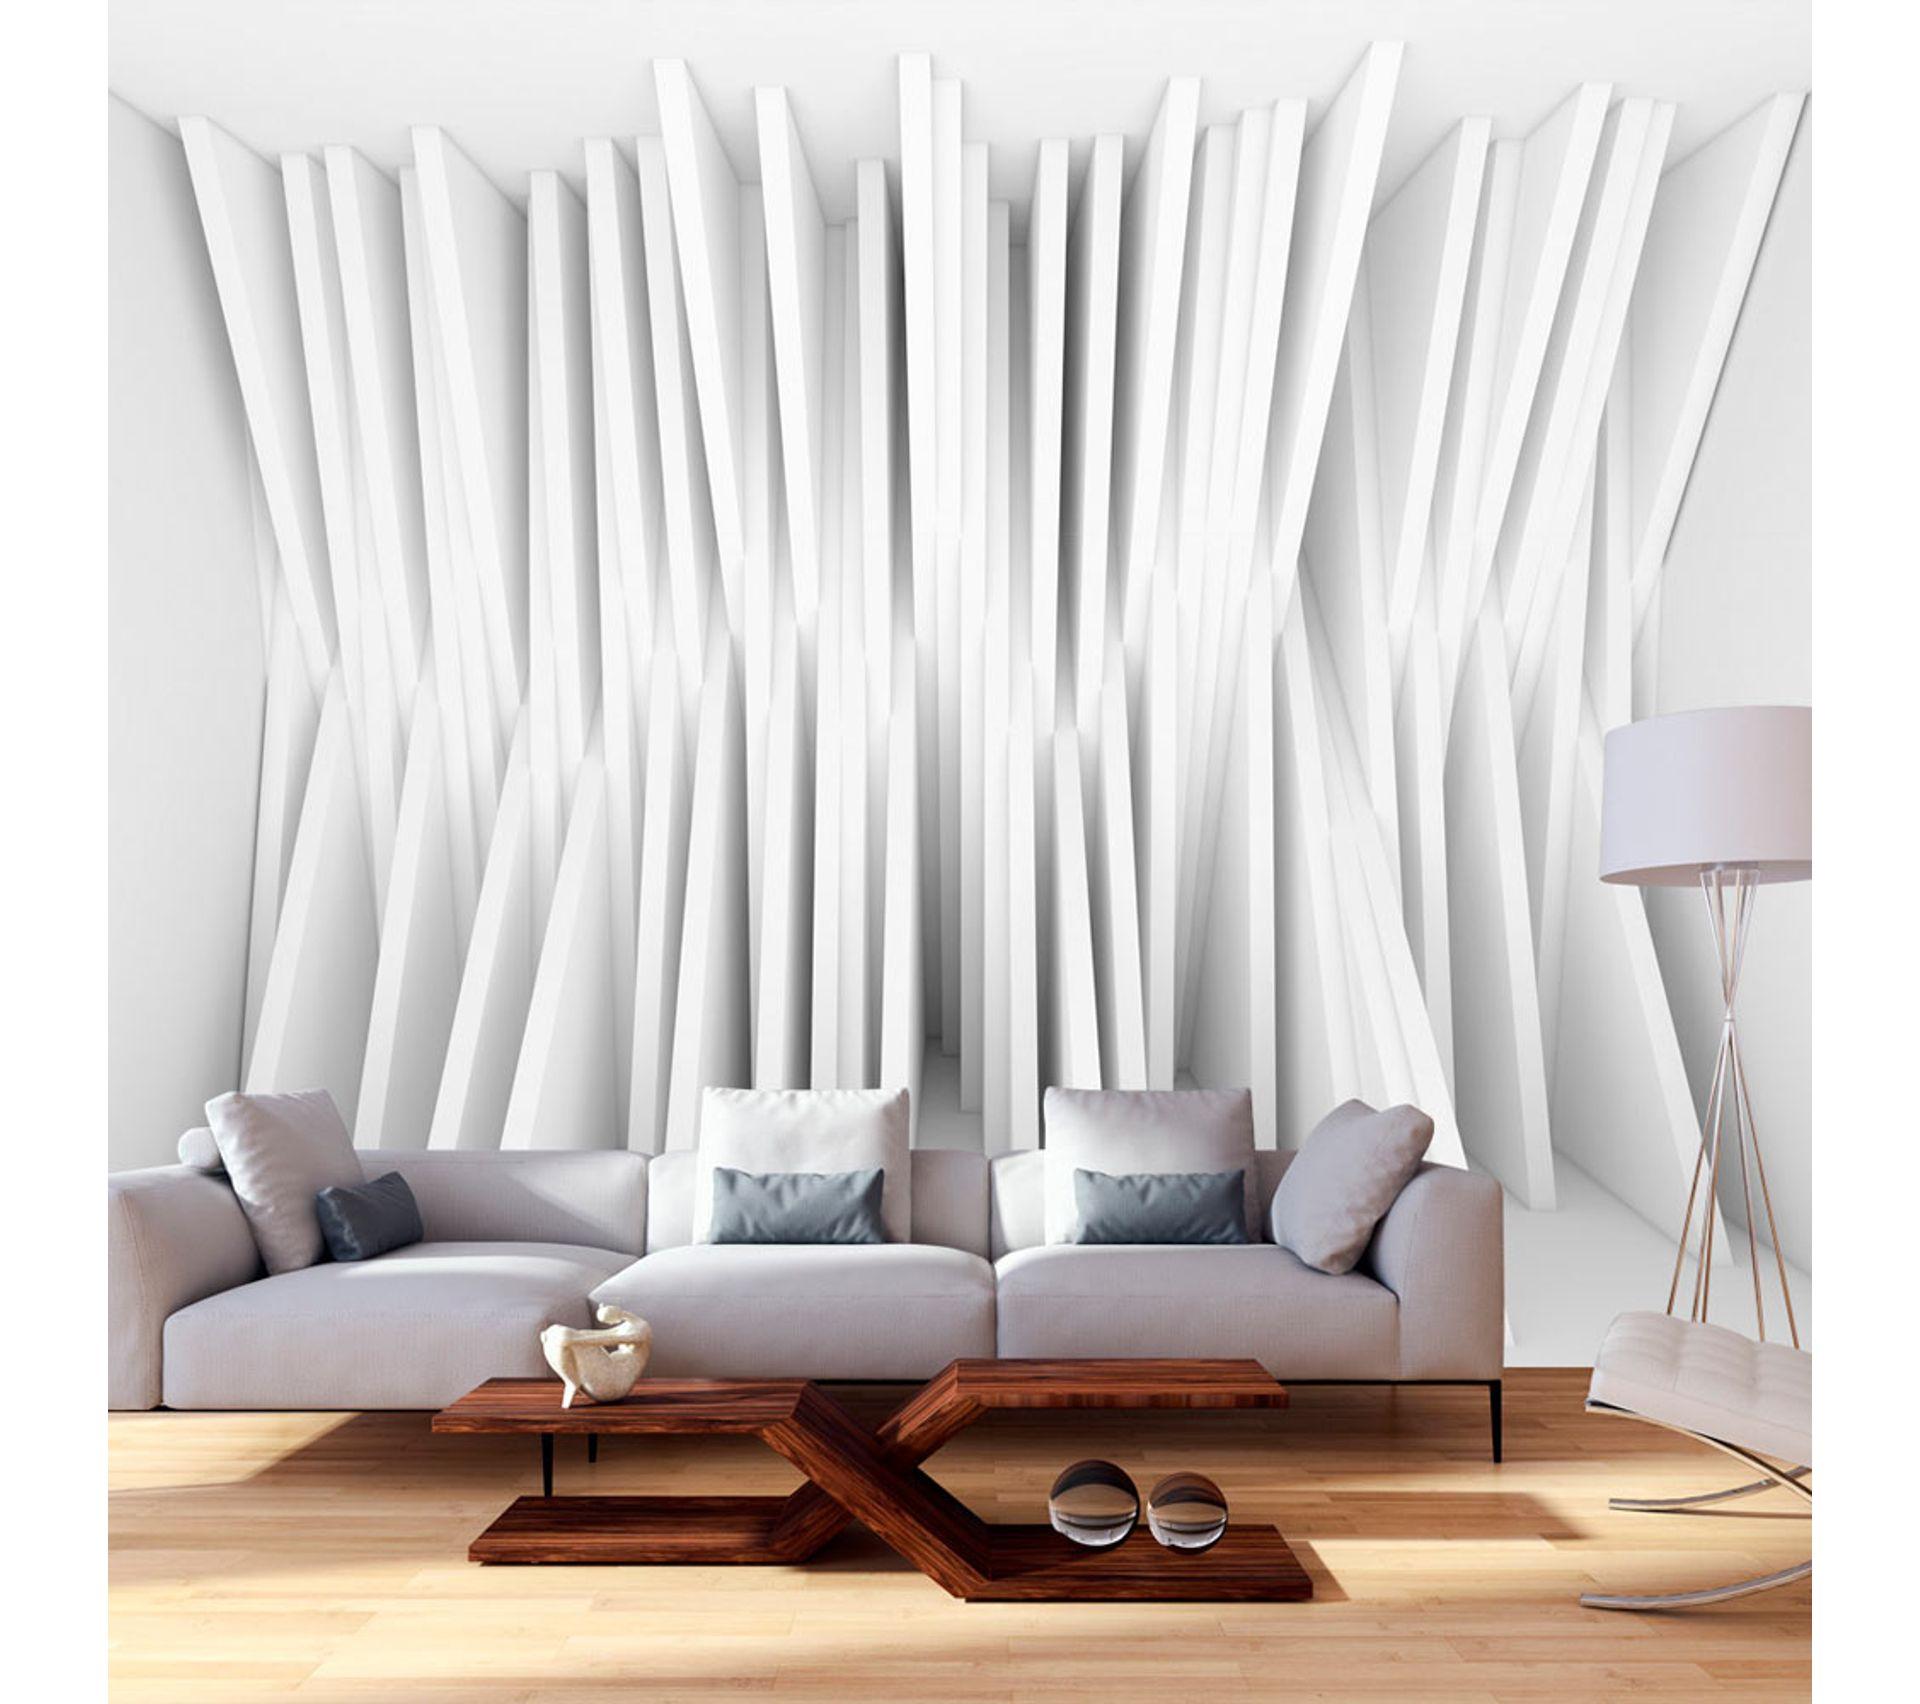 Tapisserie Moderne Pour Chambre Adulte 400x280 papier peint trompe l'oeil 3d et perspective moderne